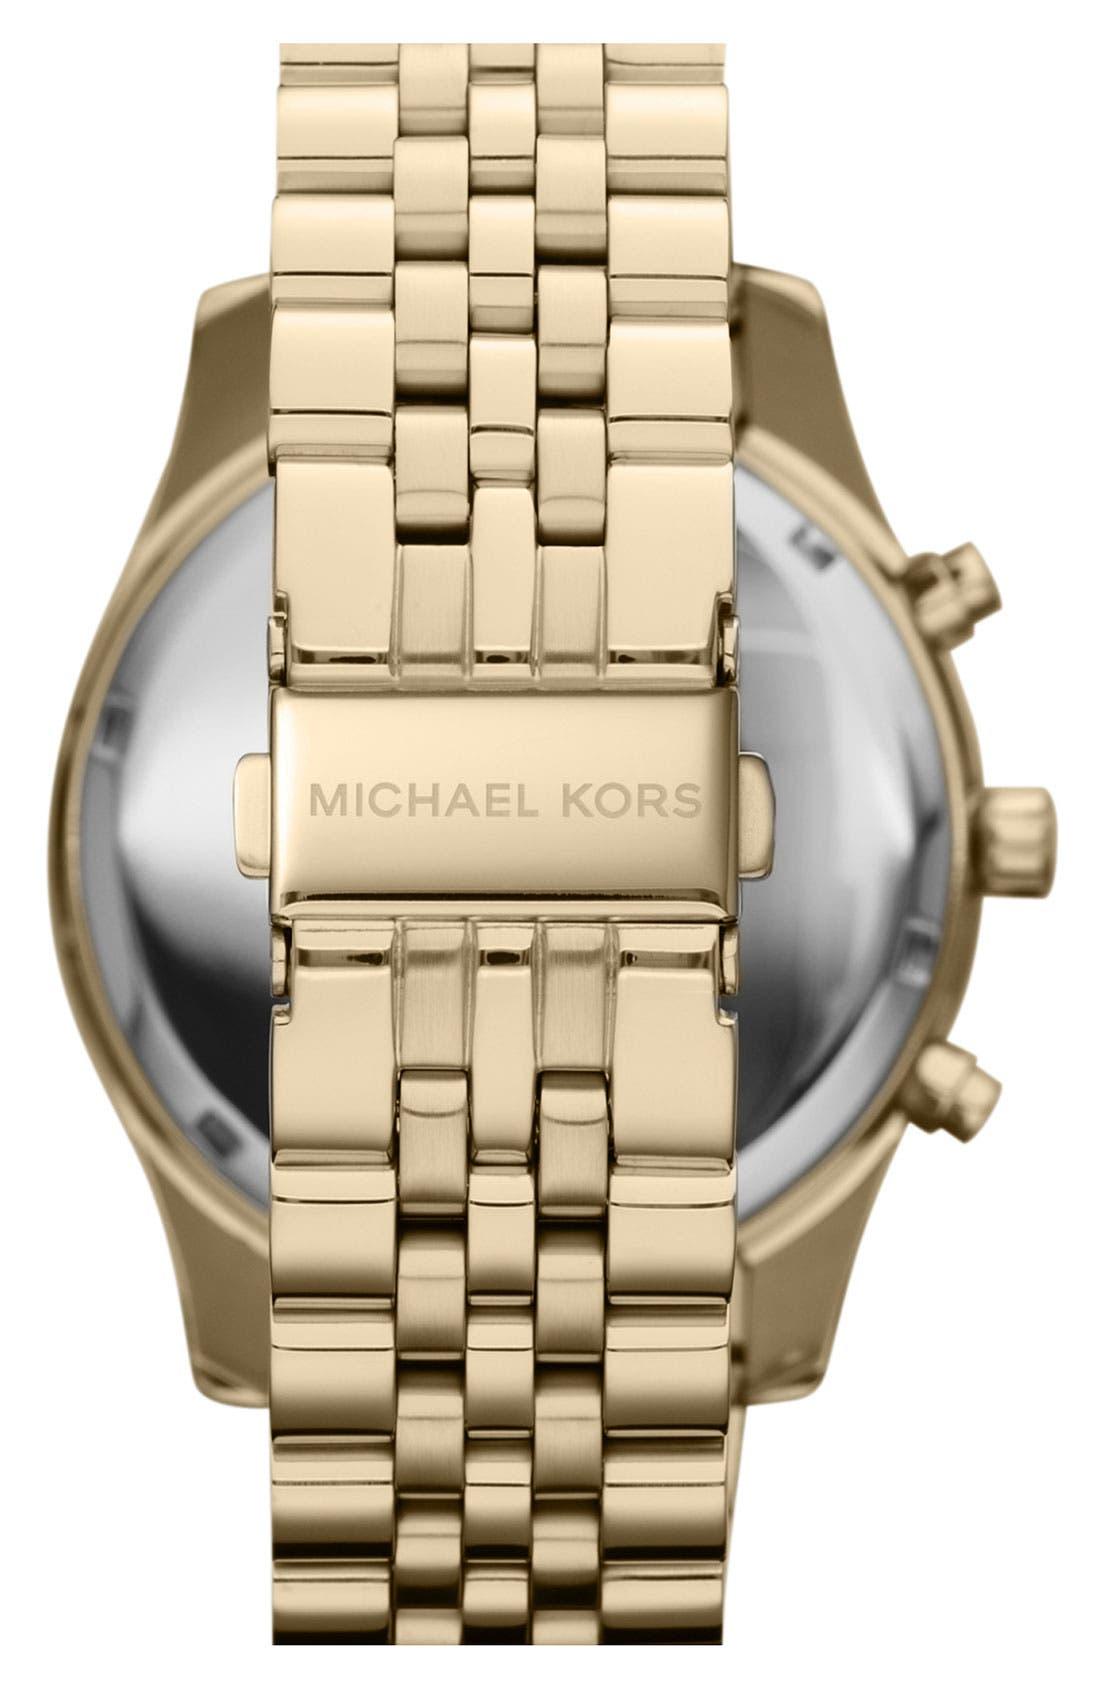 MICHAEL KORS, 'Large Lexington' Chronograph Bracelet Watch, 45mm, Alternate thumbnail 2, color, 710